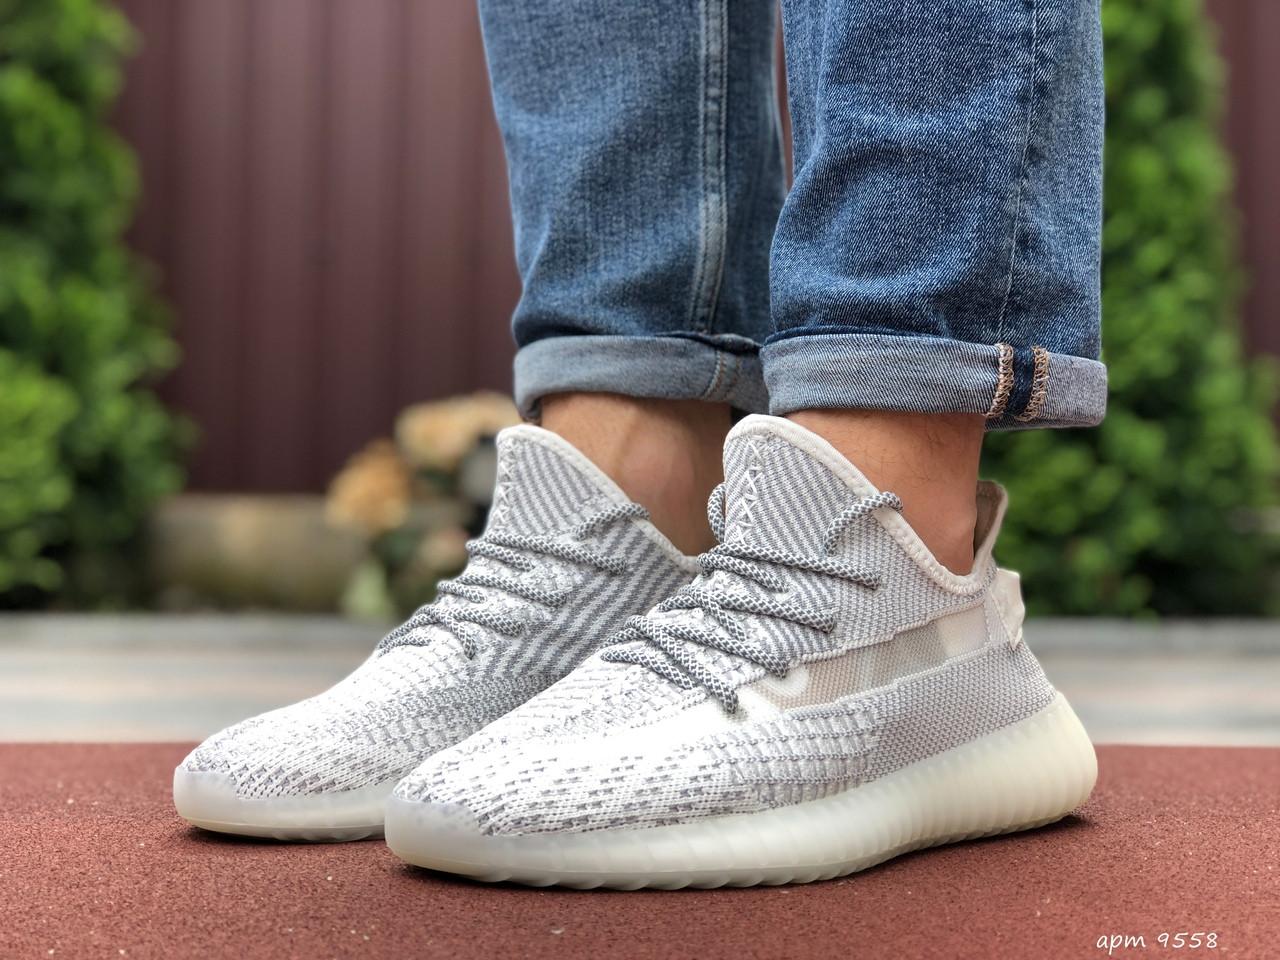 Мужские кроссовки Yeezy Boost (светло-серые с белым) 9558